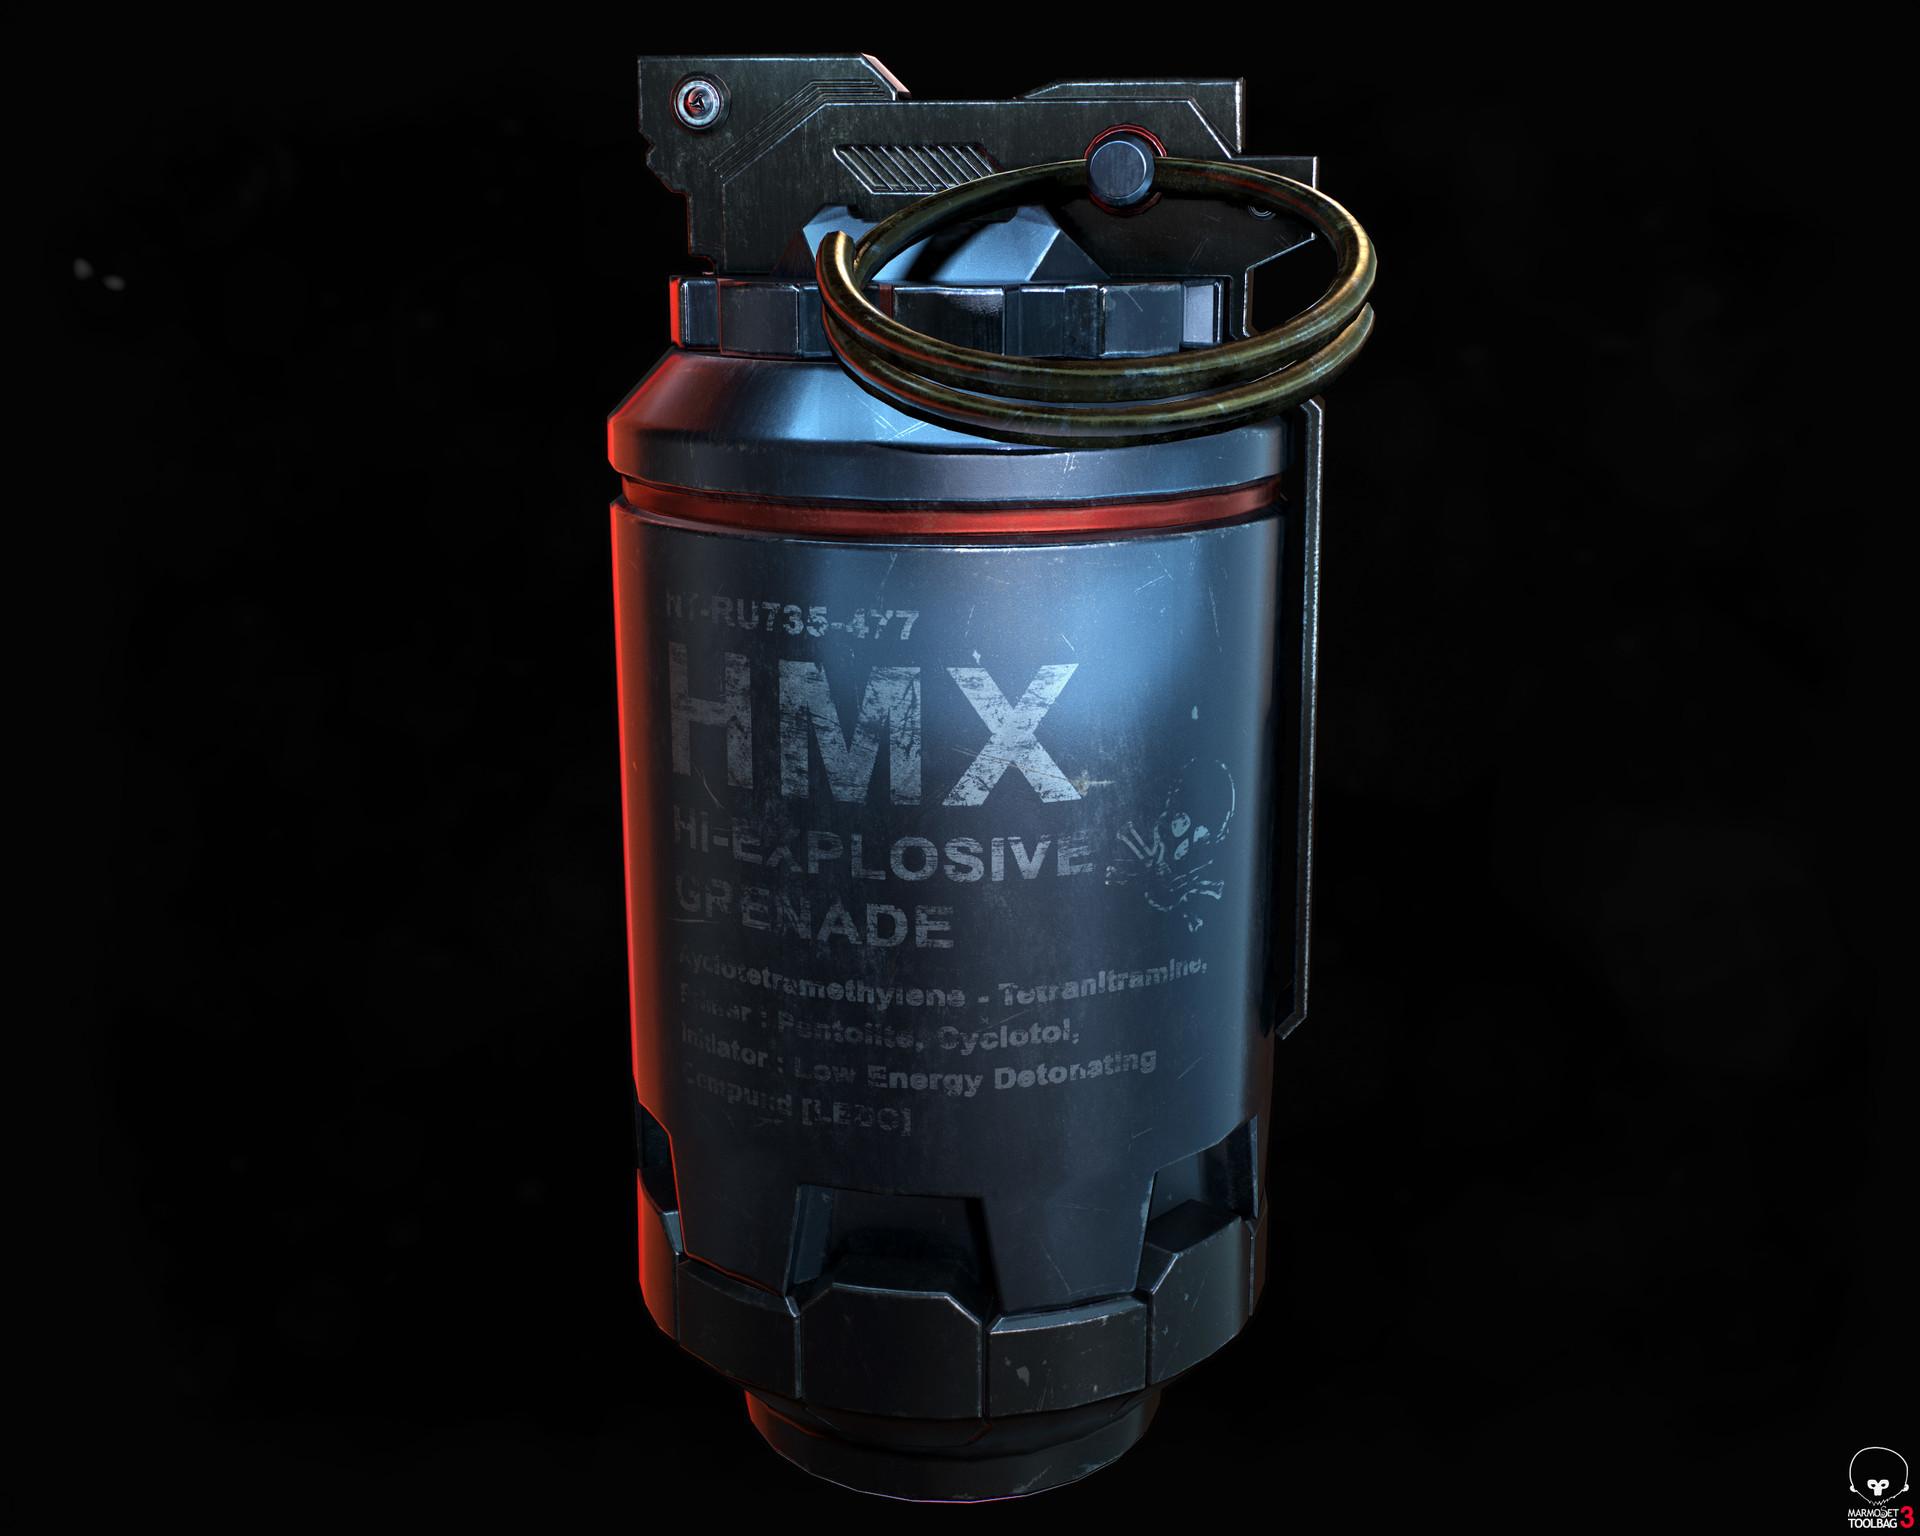 Elkanah tzur hoch hmx grenade 01